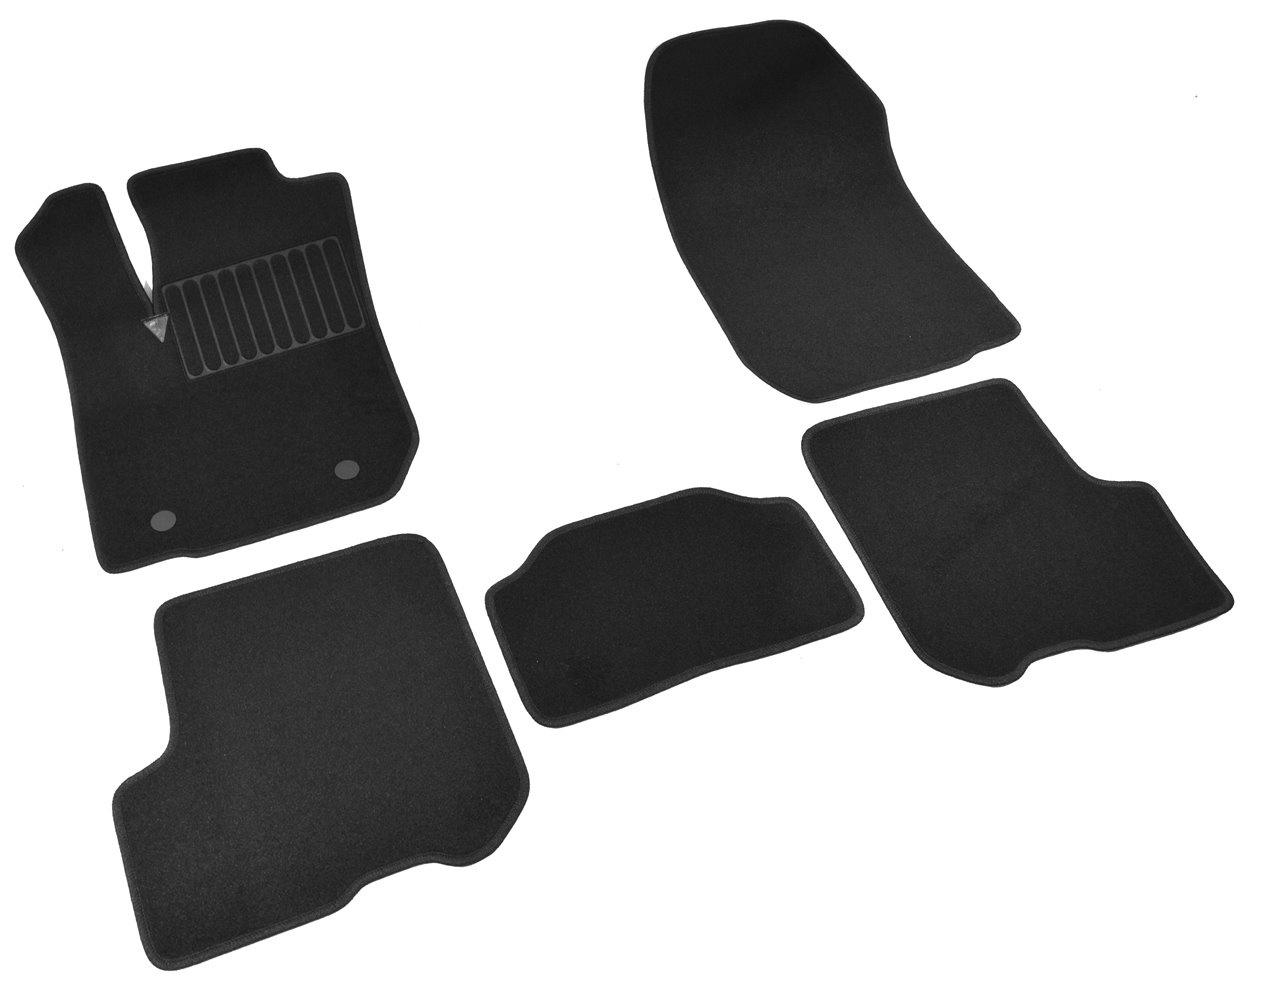 Коврики в салон автомобиля SV Design, для bmw 7 Е-65 ,2001-2008, 1310-unf3-14n, текстильные, черный